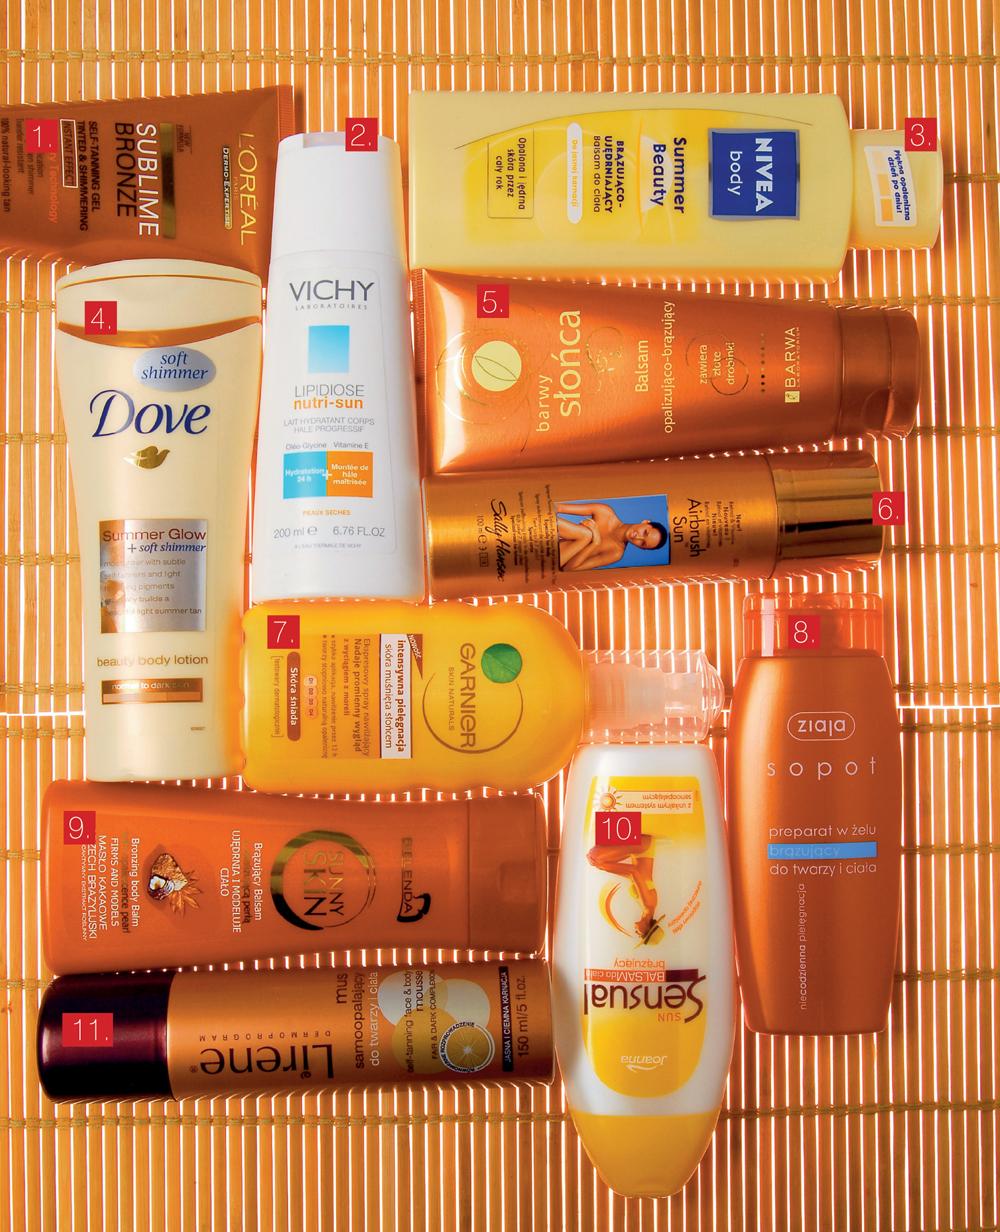 1. Koloryzujący żel z perłowymi drobinkami, Sublime Bronze L\'Oréal, 38 zł 2. Nawilżające, brązujące mleczko do ciała, Lipidiose Nutri-Sun Vichy, 56 zł 3. Balsam brązująco-ujędrniający, Summer Beauty Nivea, 17,50 zł 4. Opalizujący, Summer Glow Dove, 17 zł 5. Ze złotymi drobinkami opalizująco-brązujący, Barwy Słońca Barwa, 13 zł 6. Perfekcyjna opalenizna w sprayu, Airbrush Sun Sally Hansen, 47 zł 7. Nawilżający spray Intensywana pielęgnacja, Garnier, 18 zł 8. Żel brązujący, Sopot Ziaja, 8,70 zł 9. Ujedrniający i modelujący ciało, Sunny Skin Bielenda, 10,80 zł 10. Stopniowy efekt opalenizny, Sun Sensual Joanna, 9,80 zł 11. Mus samoopalający do twarzy i ciała, Lirene, 19,90 zł